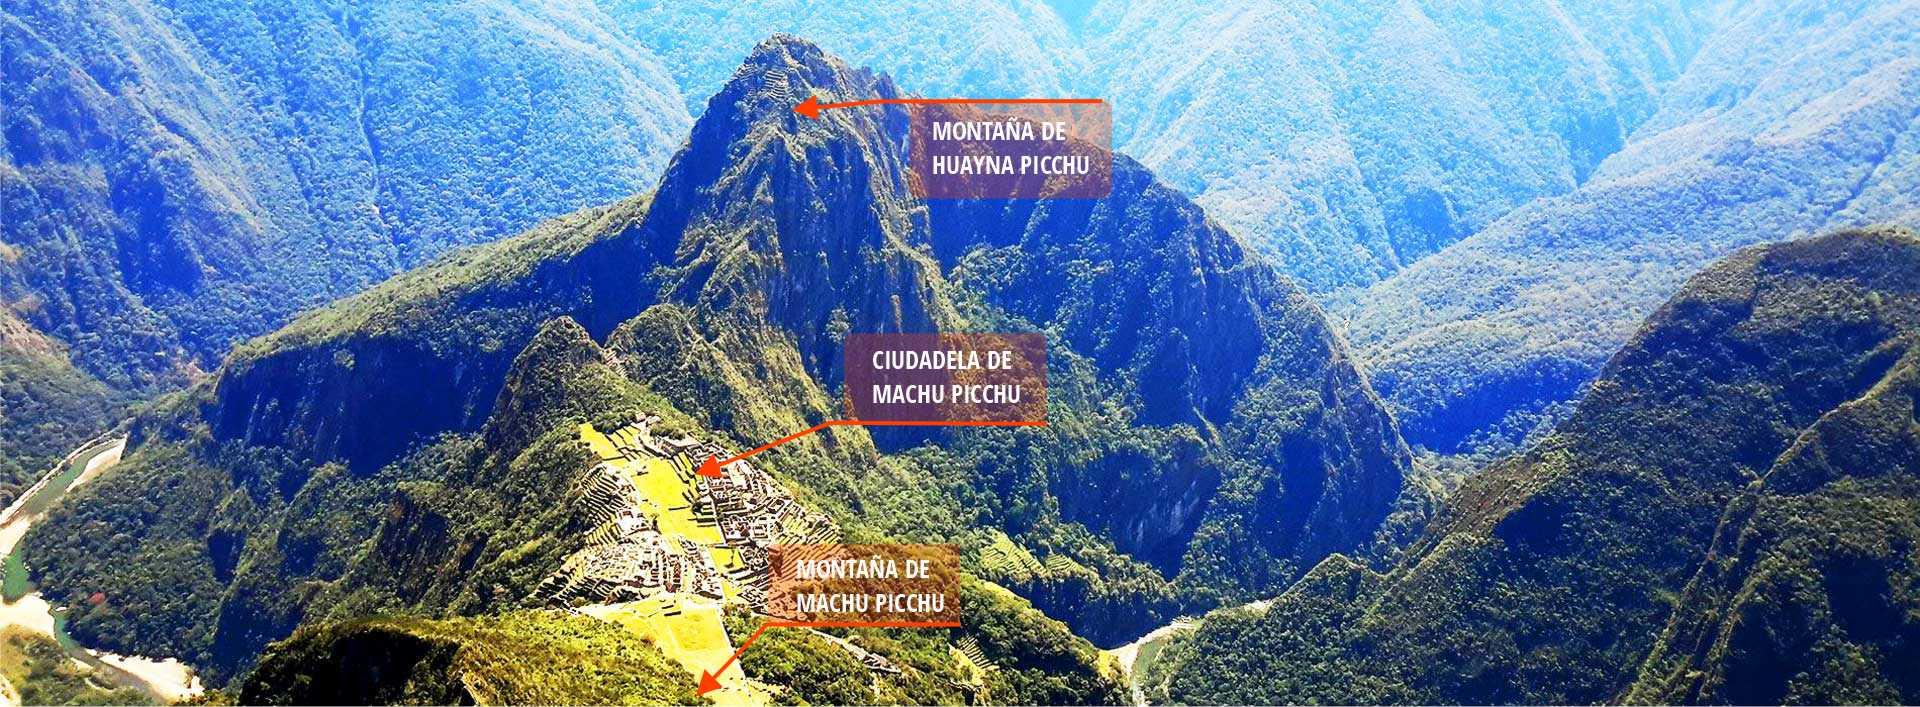 montaña machu picchu y huayna picchu cusco peru